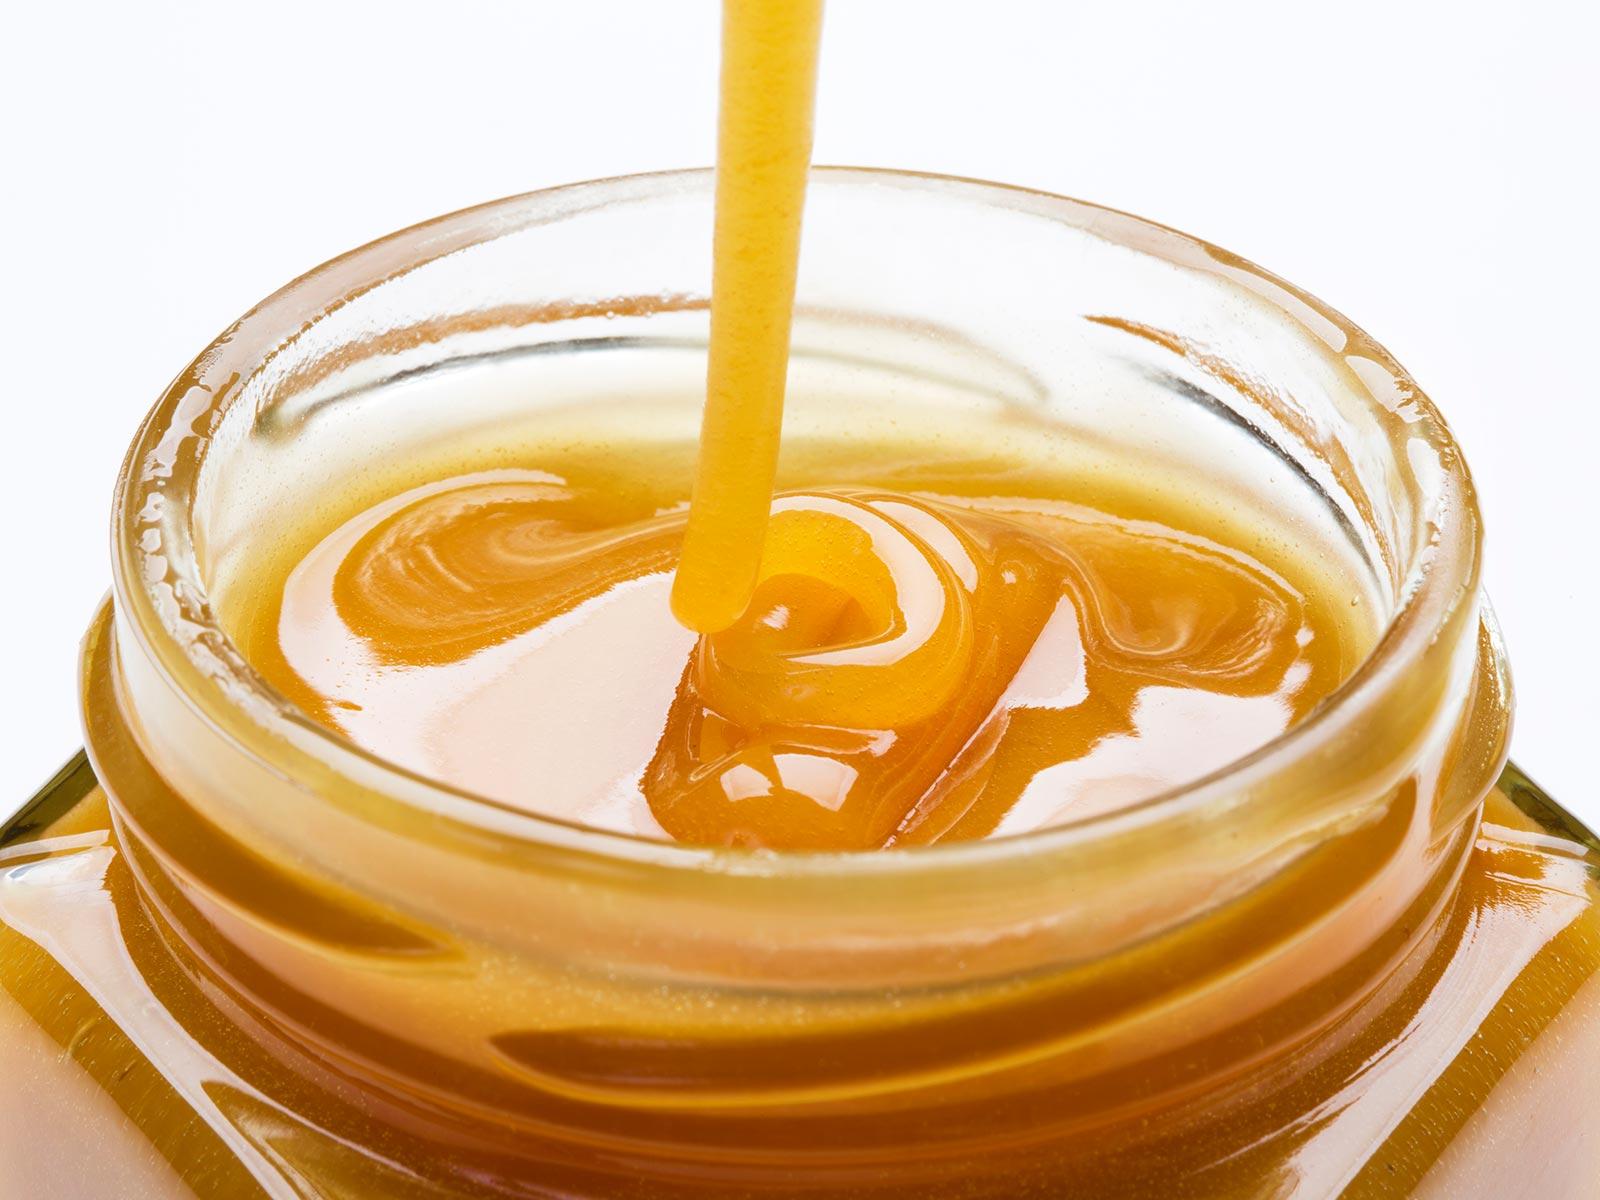 抗菌作用の高いハチミツ「マヌカハニー」をよく知っておこう!